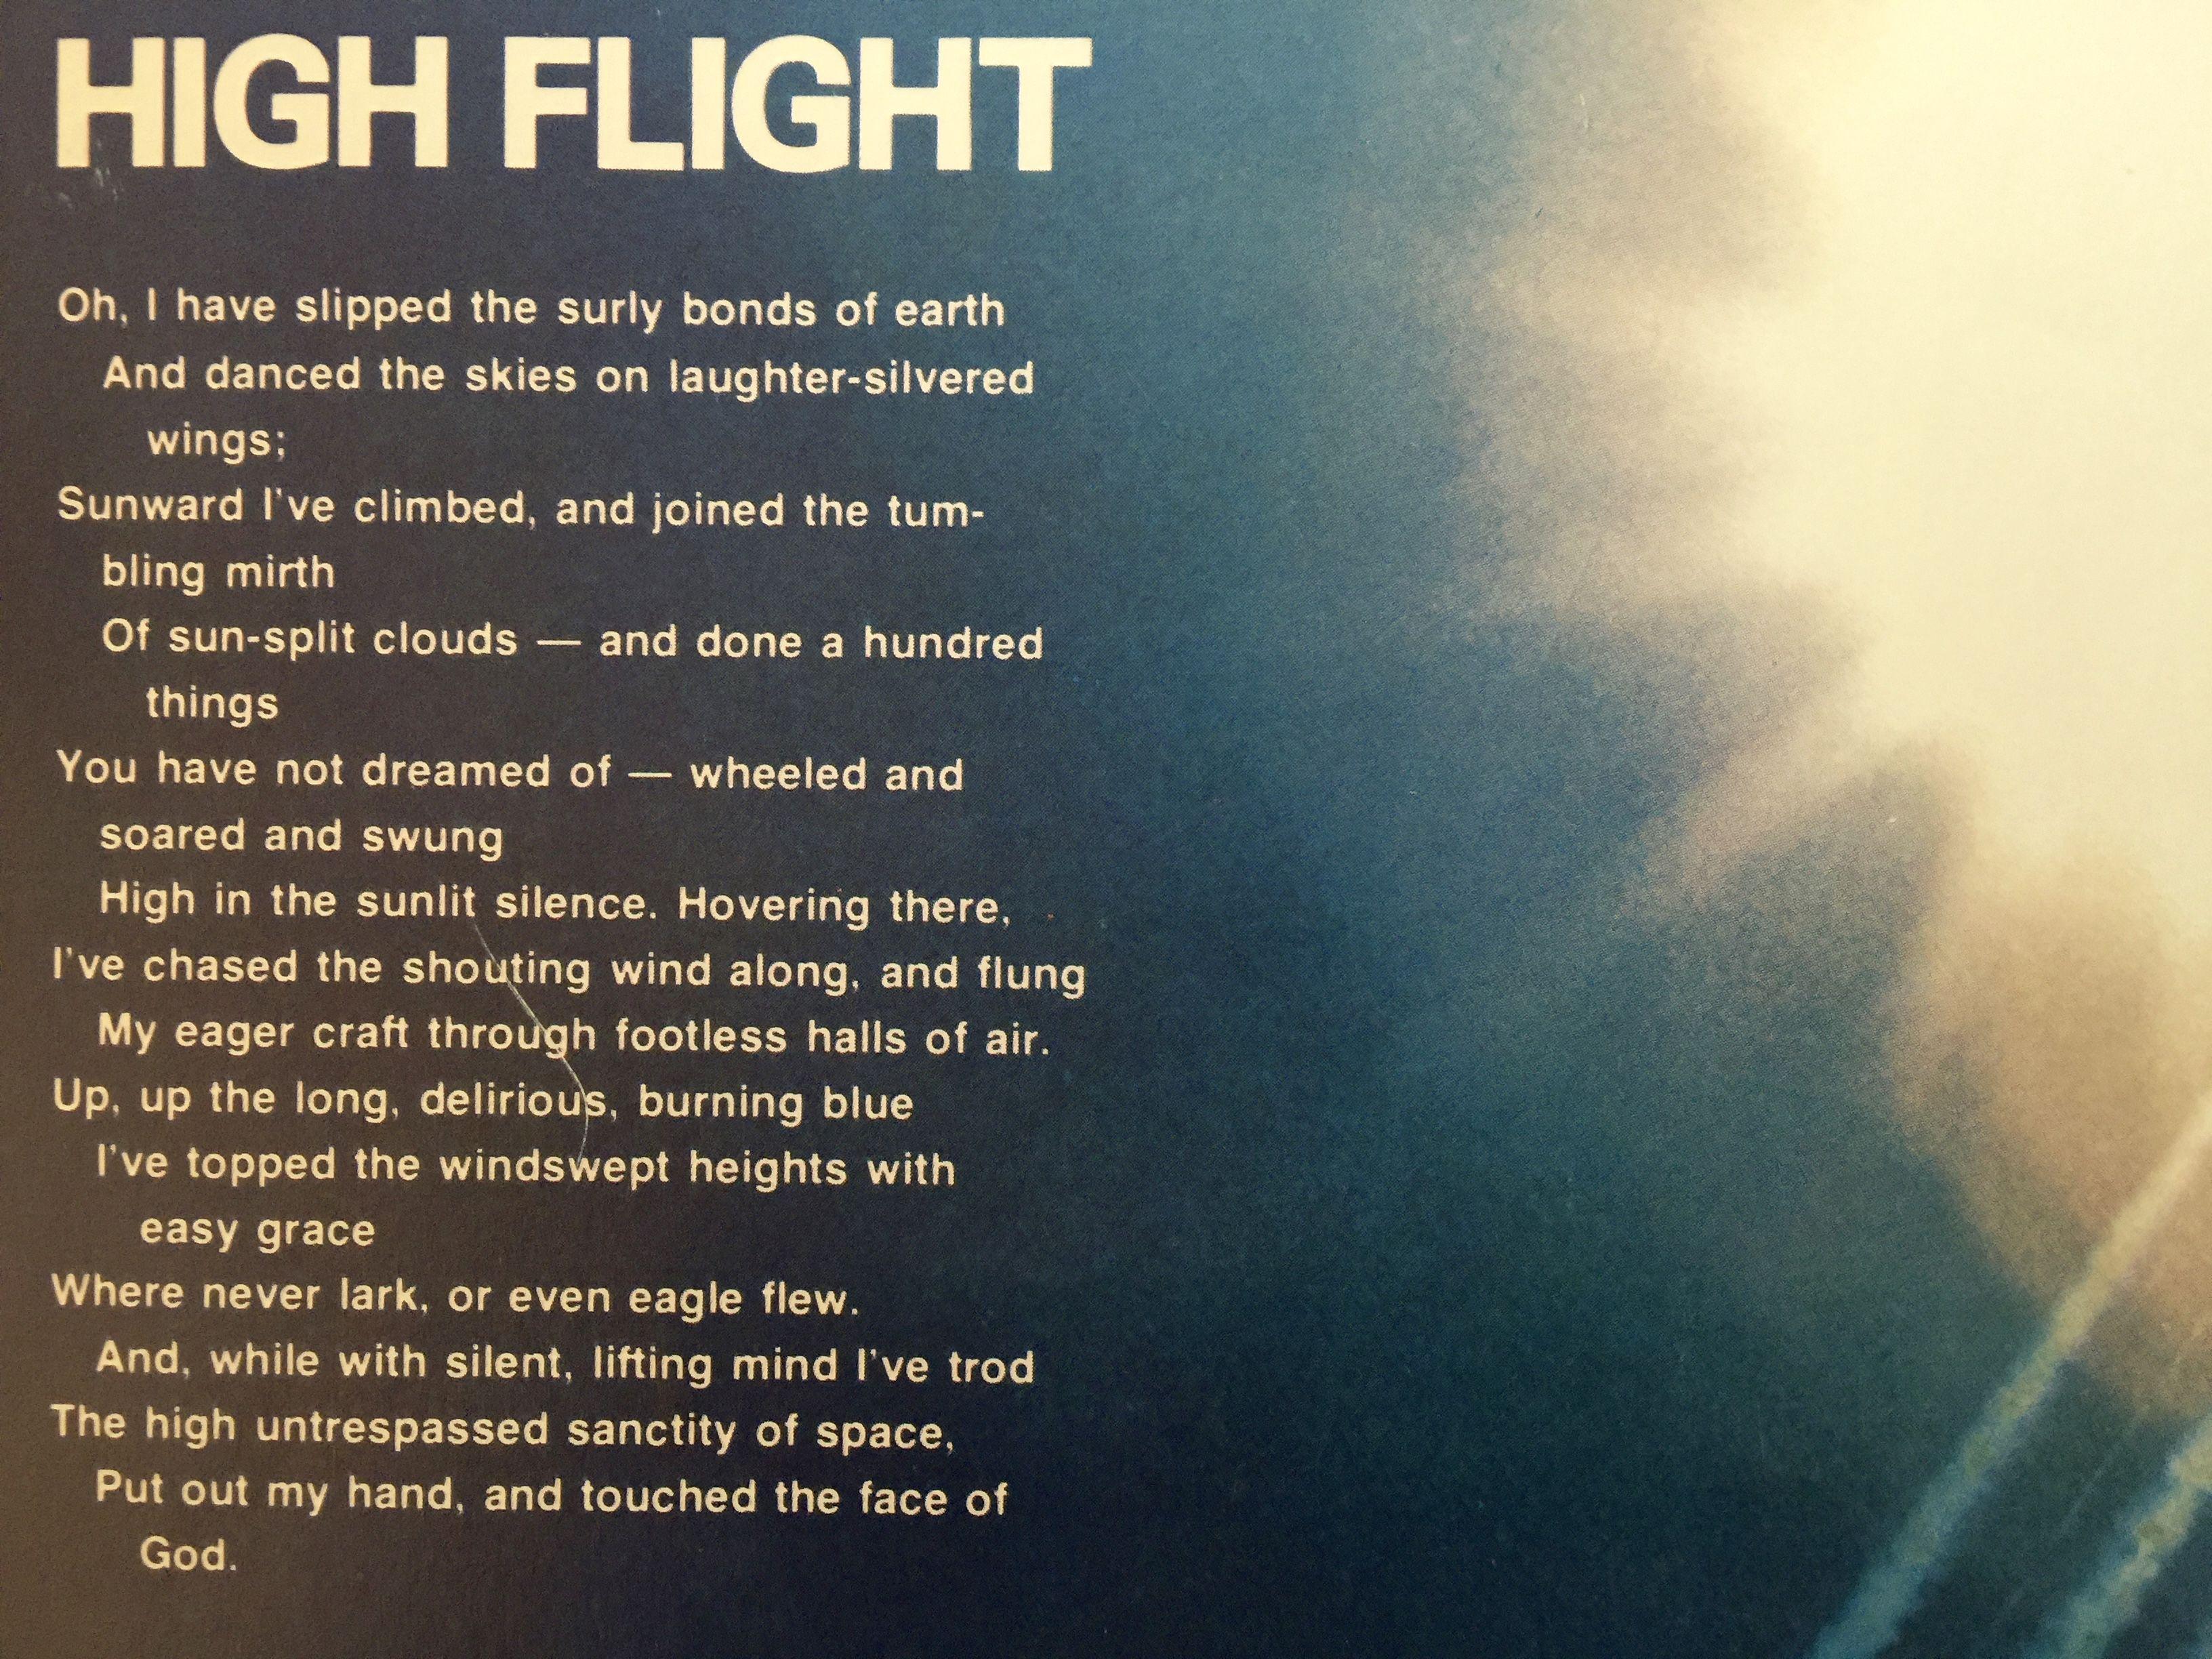 High Flight A Poem By Pilot John Gillespie Magee Jr